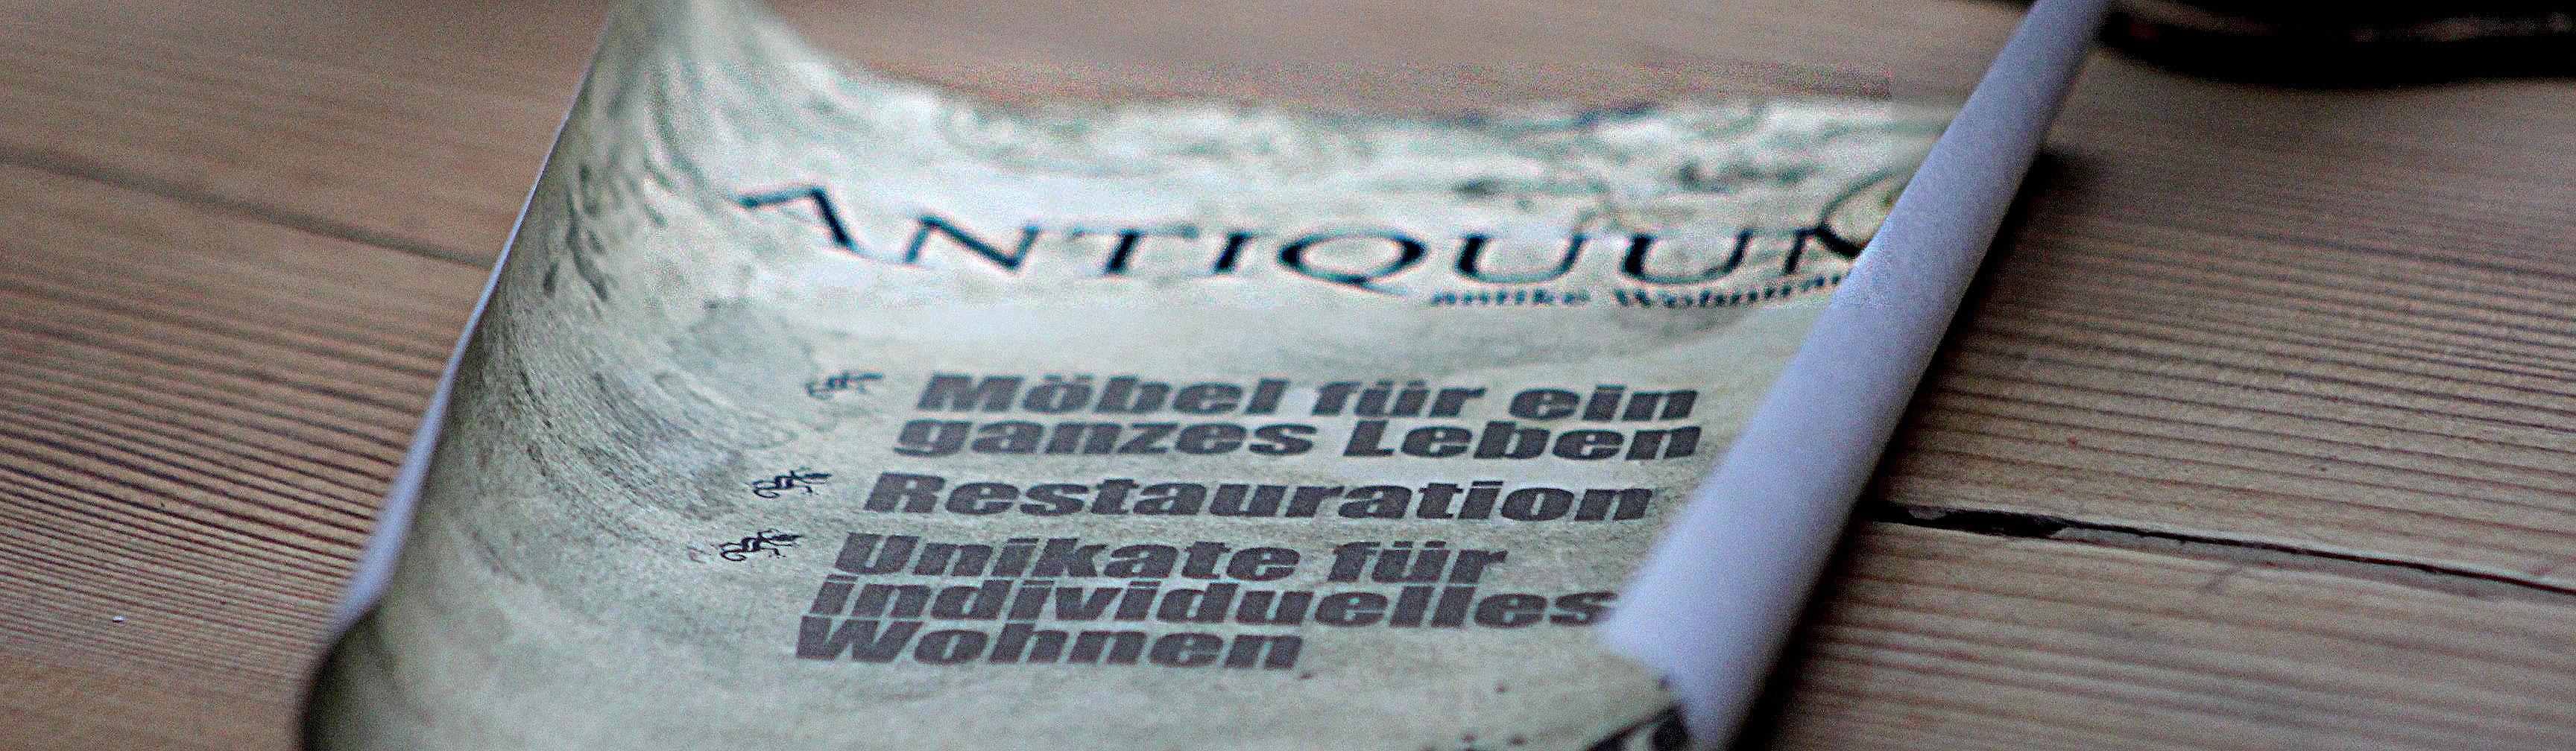 Antiquum Flyer